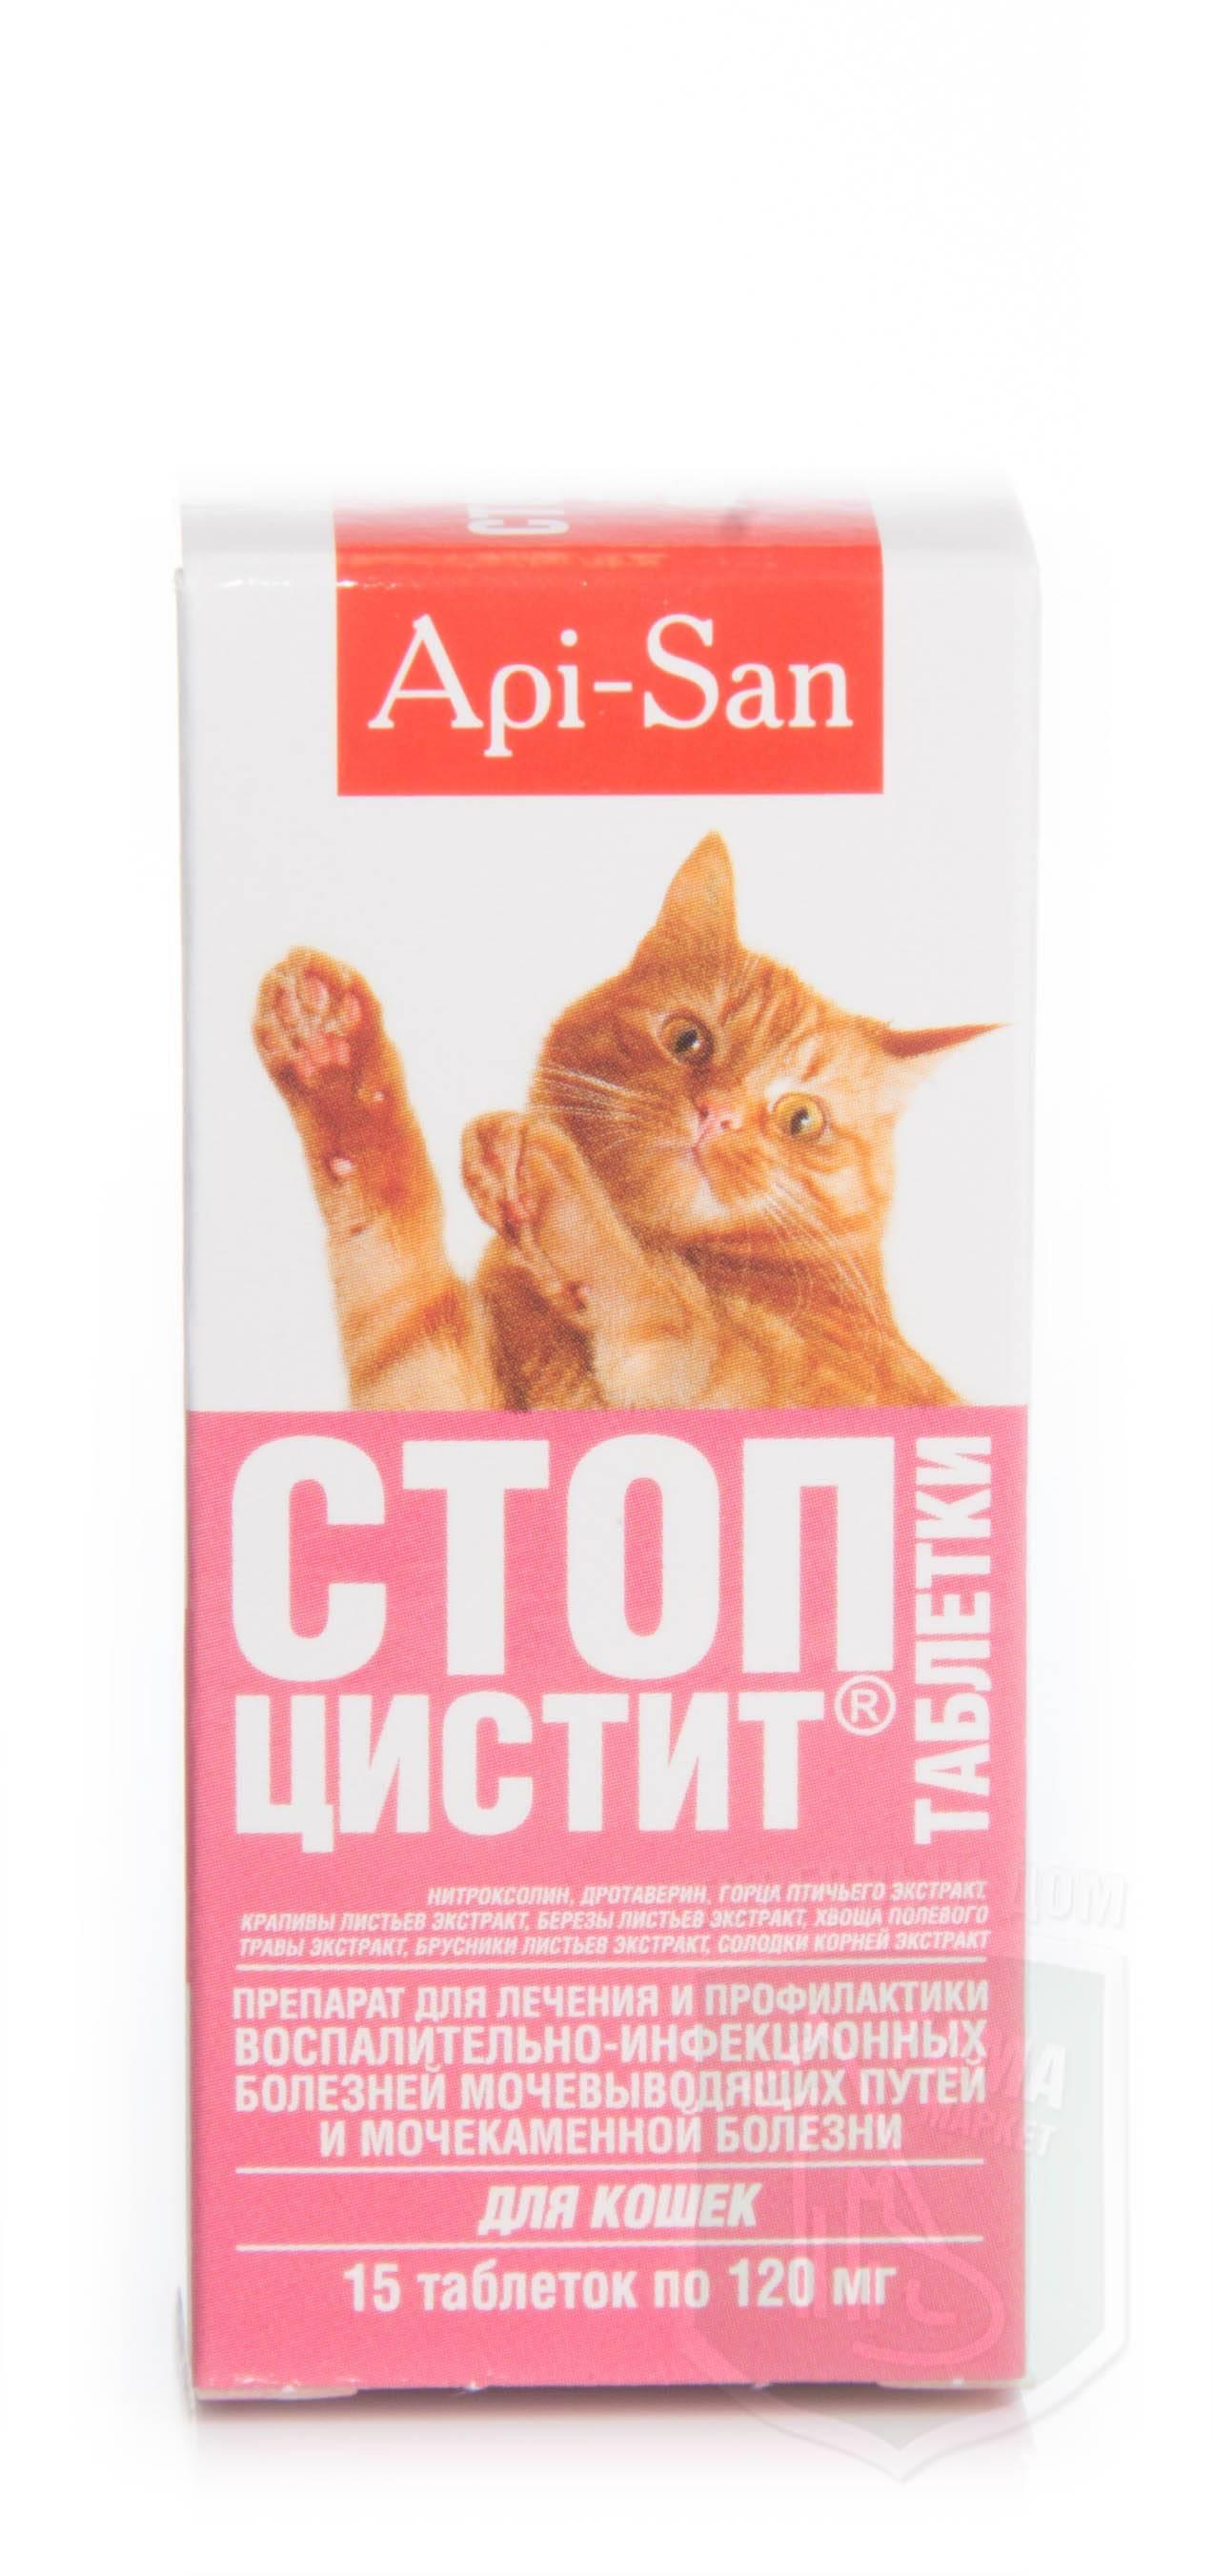 Стоп-цистит: особенности  лекарства для кошек